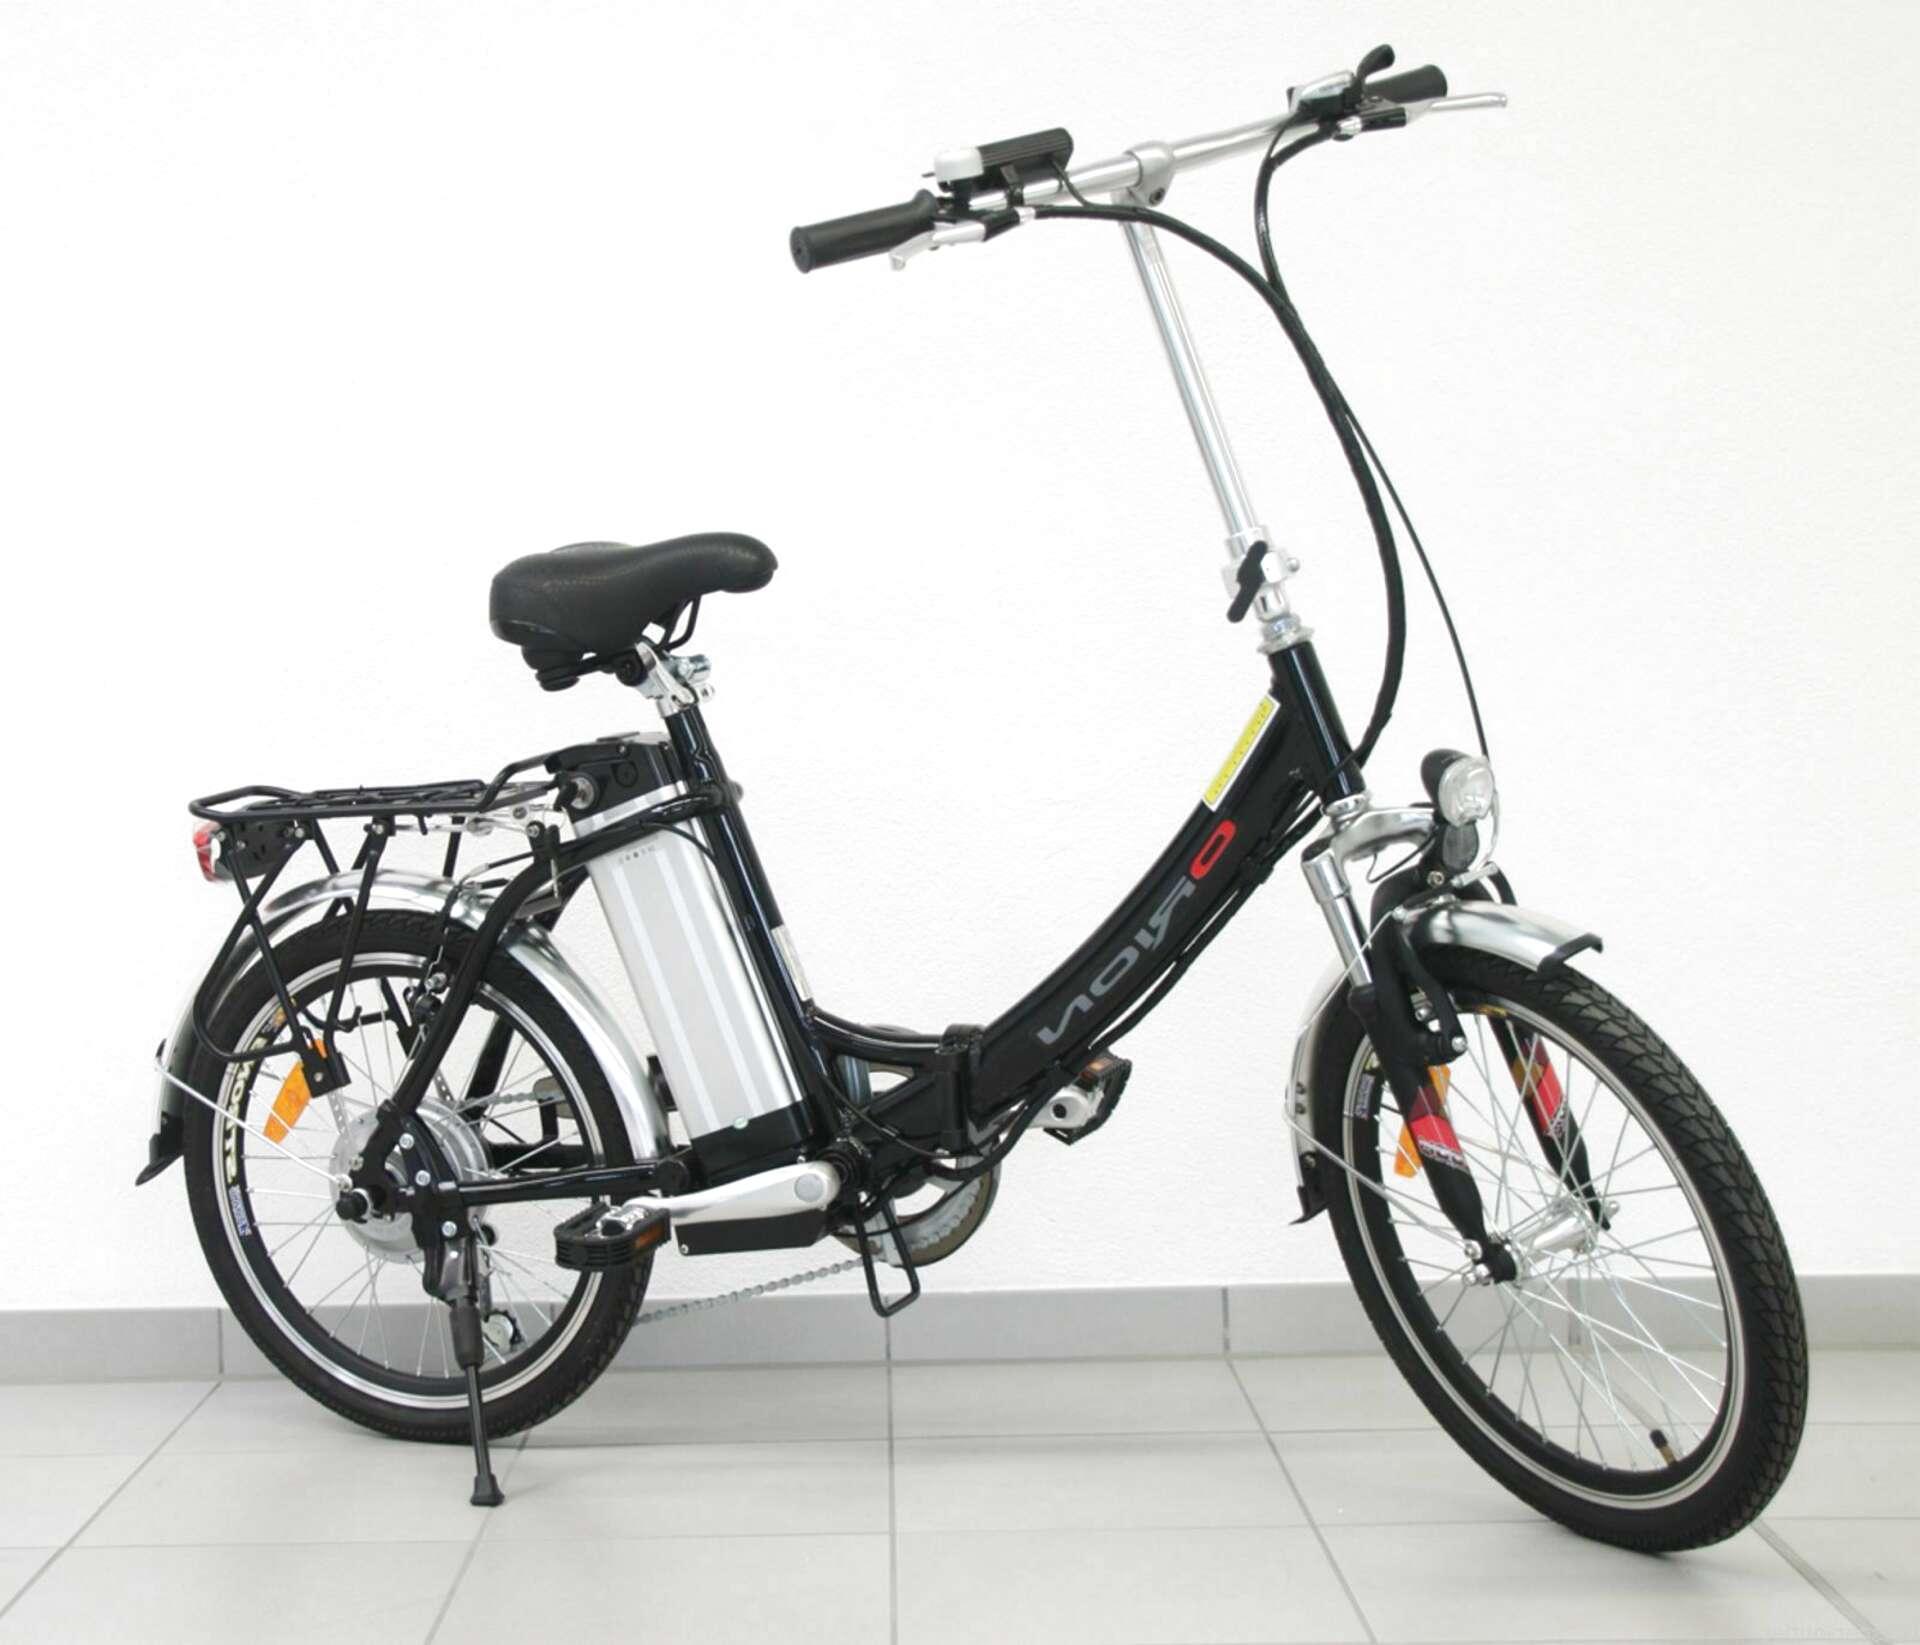 Pedersen Fahrrad Sonstige Fahrrader Aus Weinstadt Met Afbeeldingen Fietsen